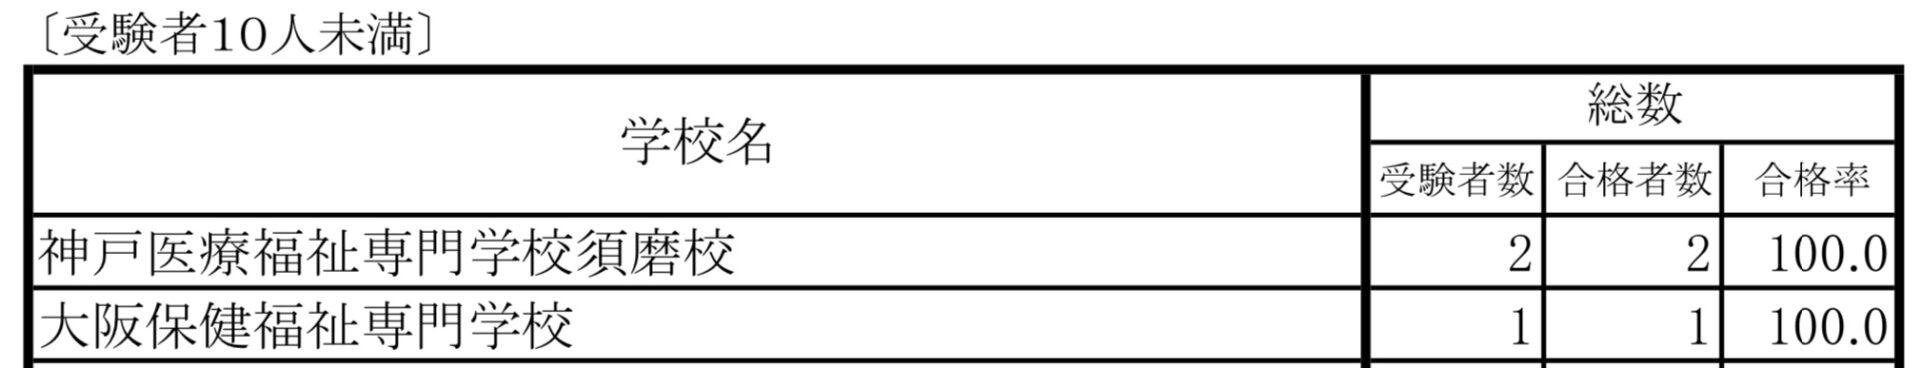 福祉系大学+実務経験合格率(受験者10人未満)